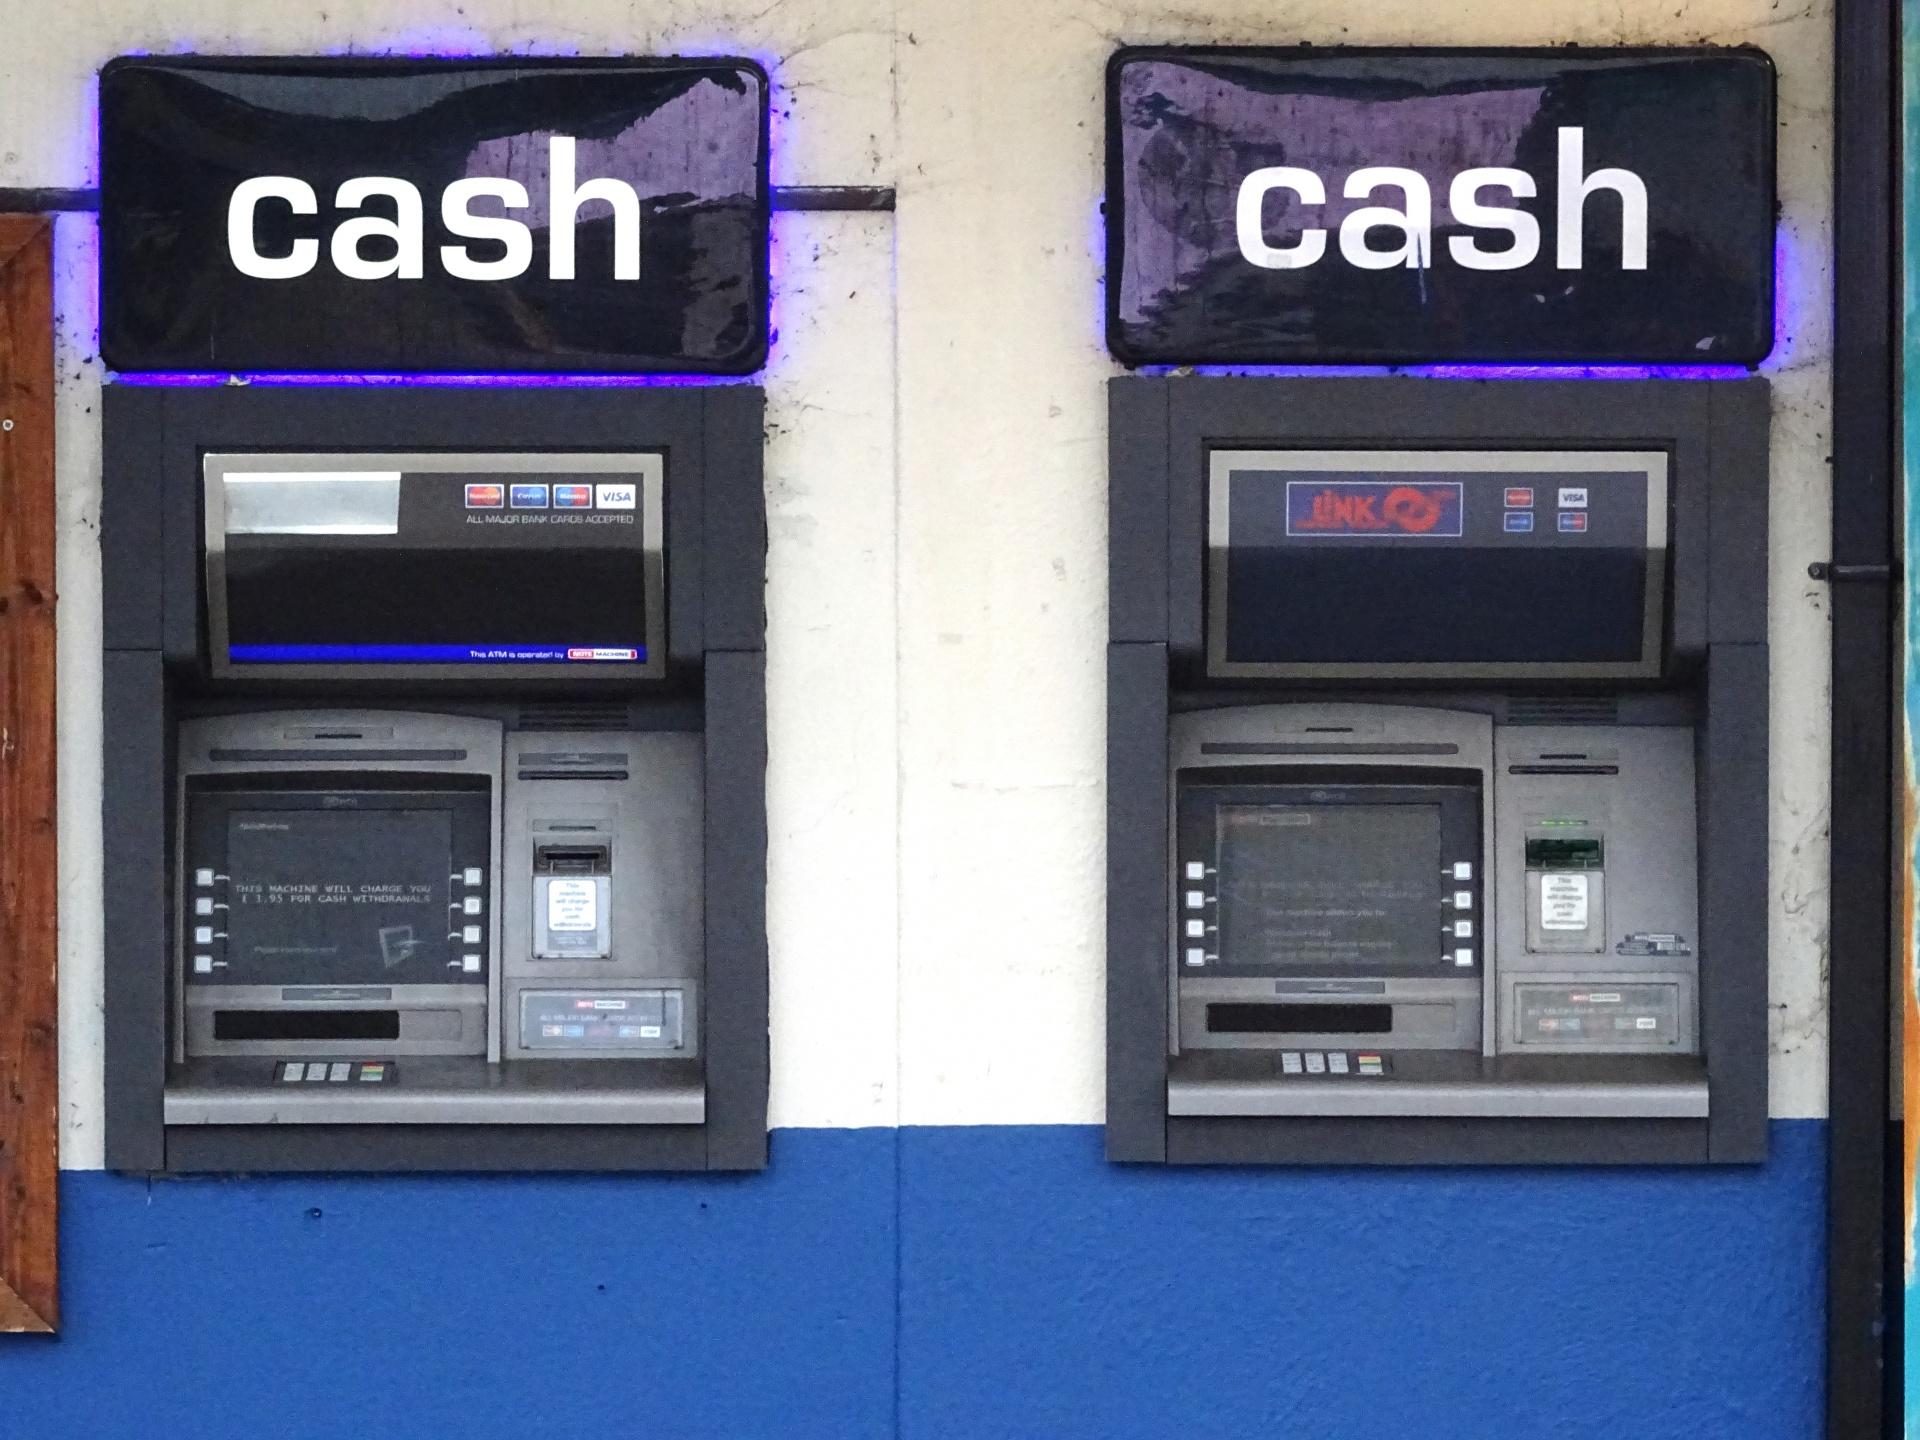 Conto corrente quanto costa - La banca piu conveniente per aprire un conto corrente ...